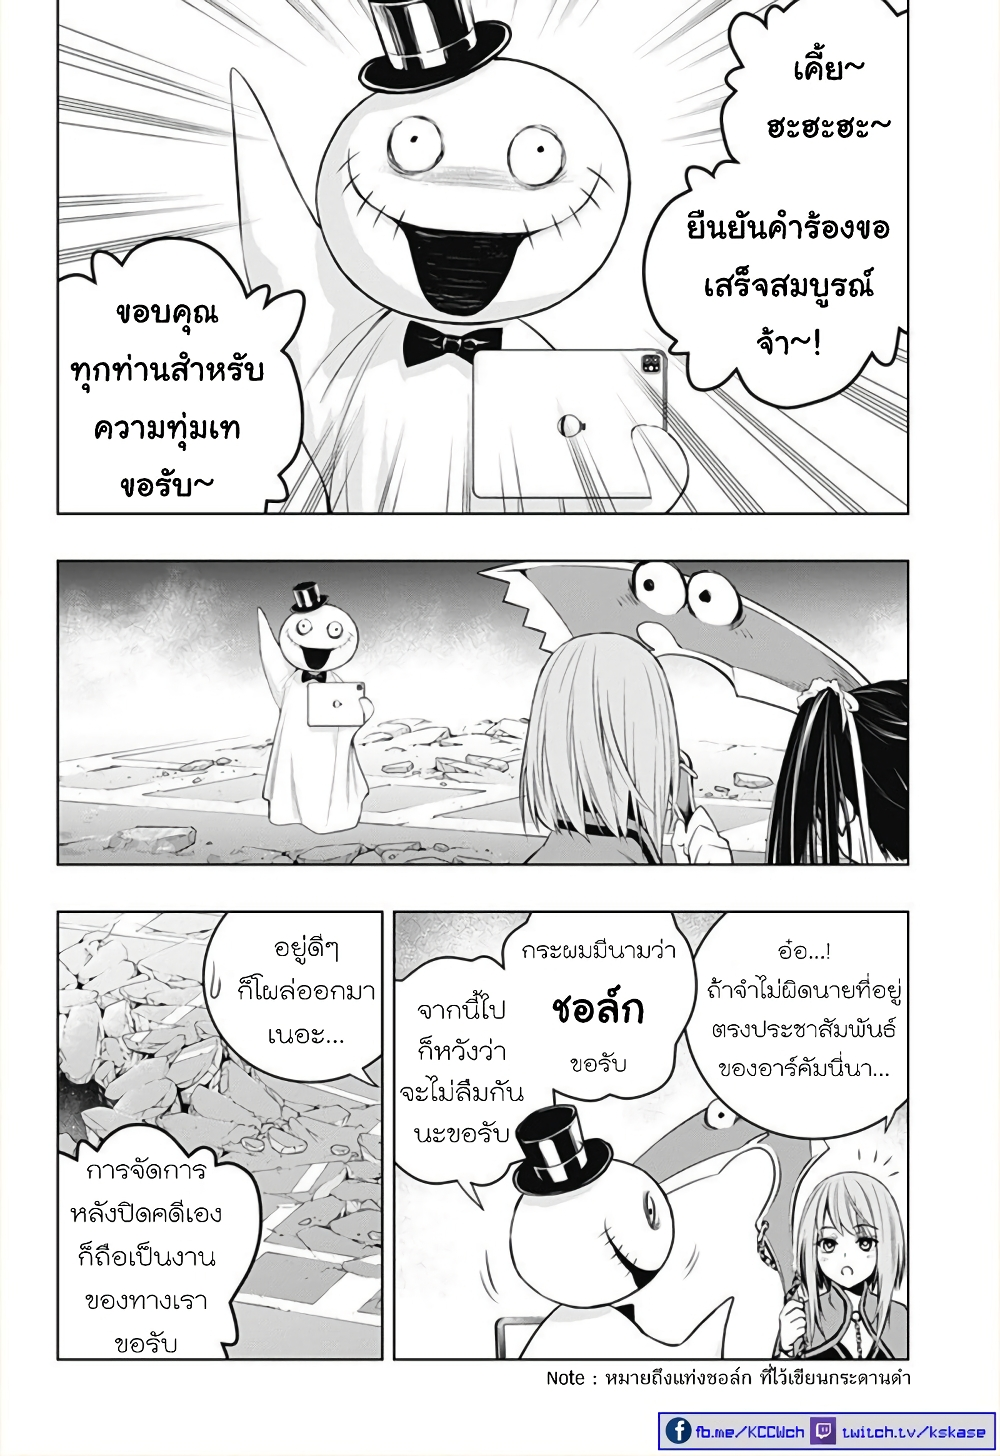 อ่านการ์ตูน Ghost Girl ตอนที่ 12 หน้าที่ 8